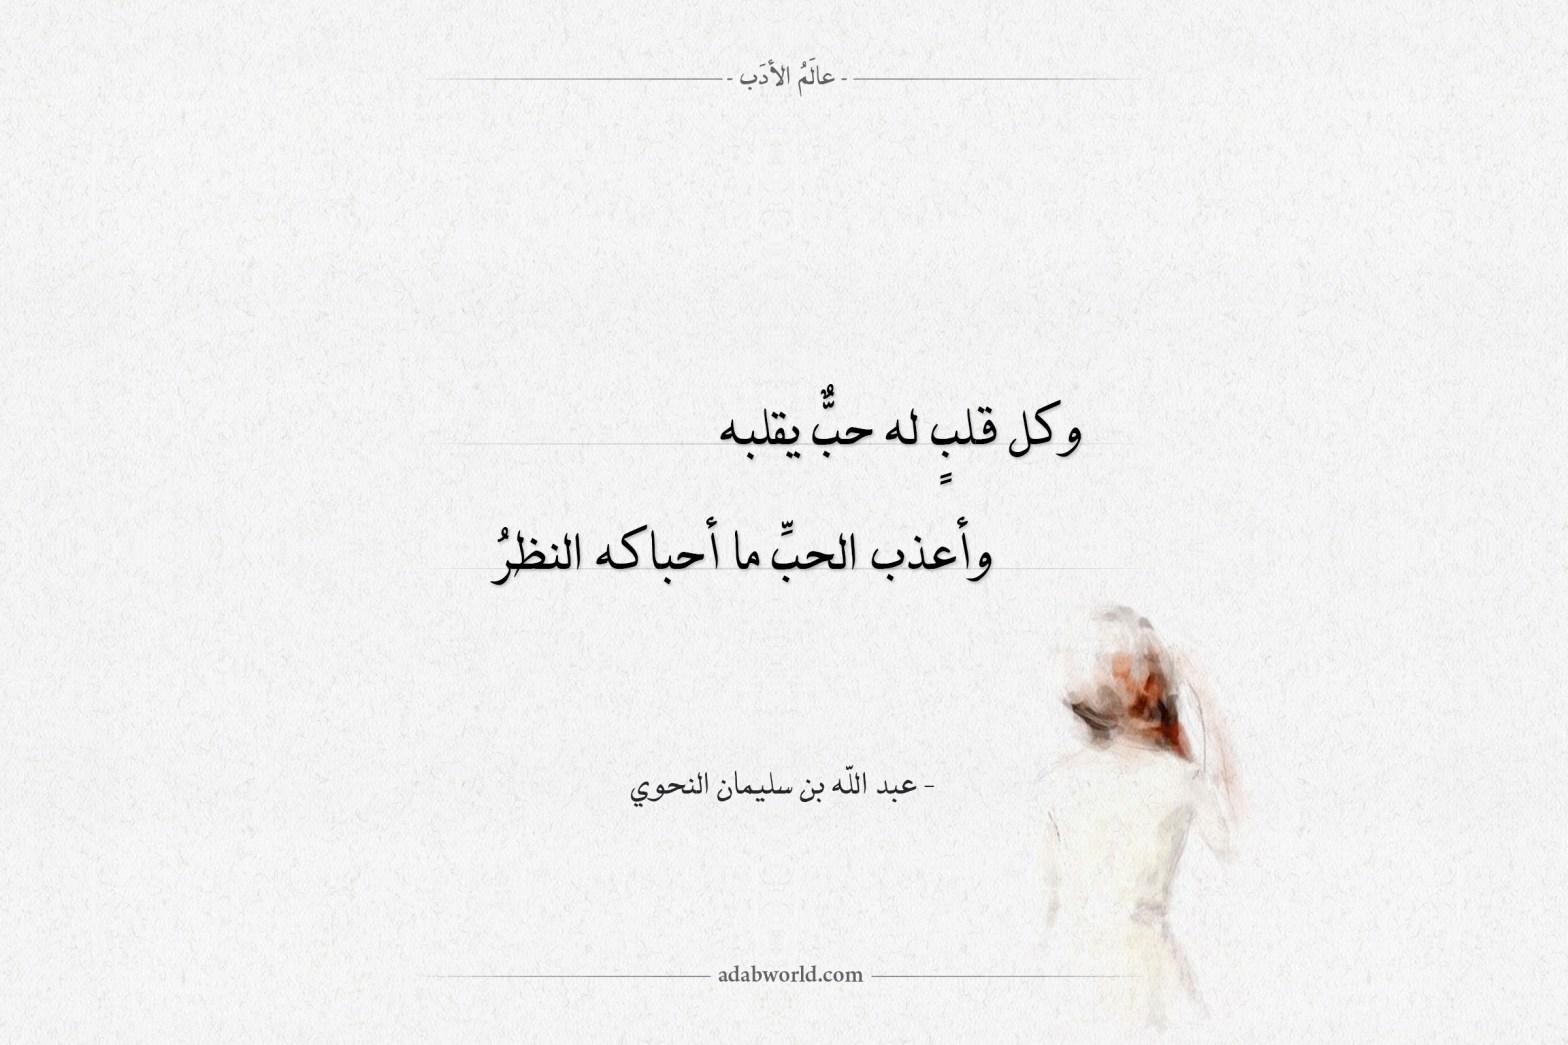 شعر عبد الله بن سليمان - وكل قلب له حب يقلبه